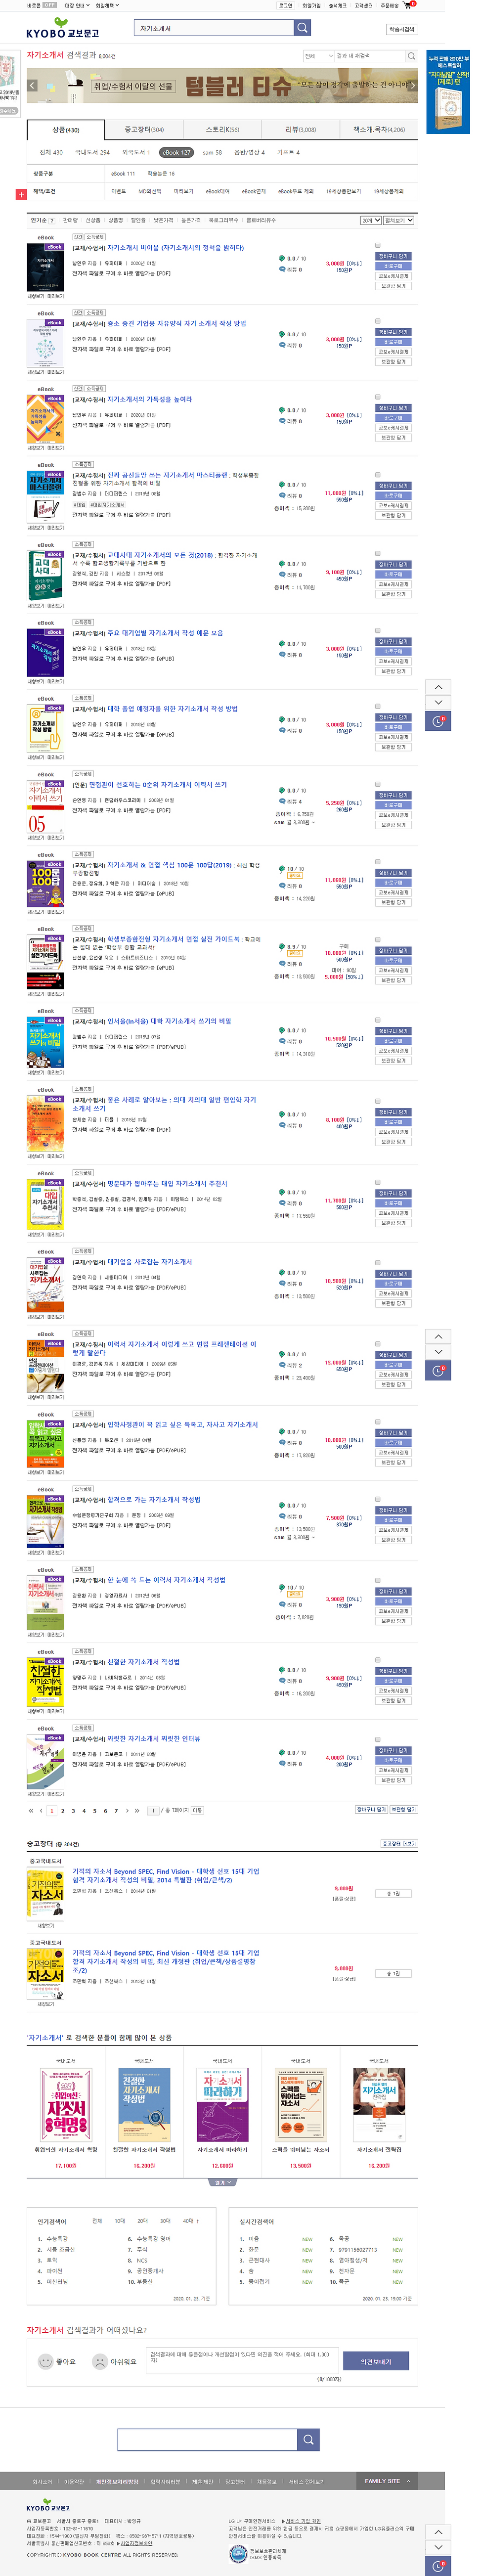 베스트셀러. 10권, 교보문고 1위. 자기소개서, 인물백과사전, 南仁祐.